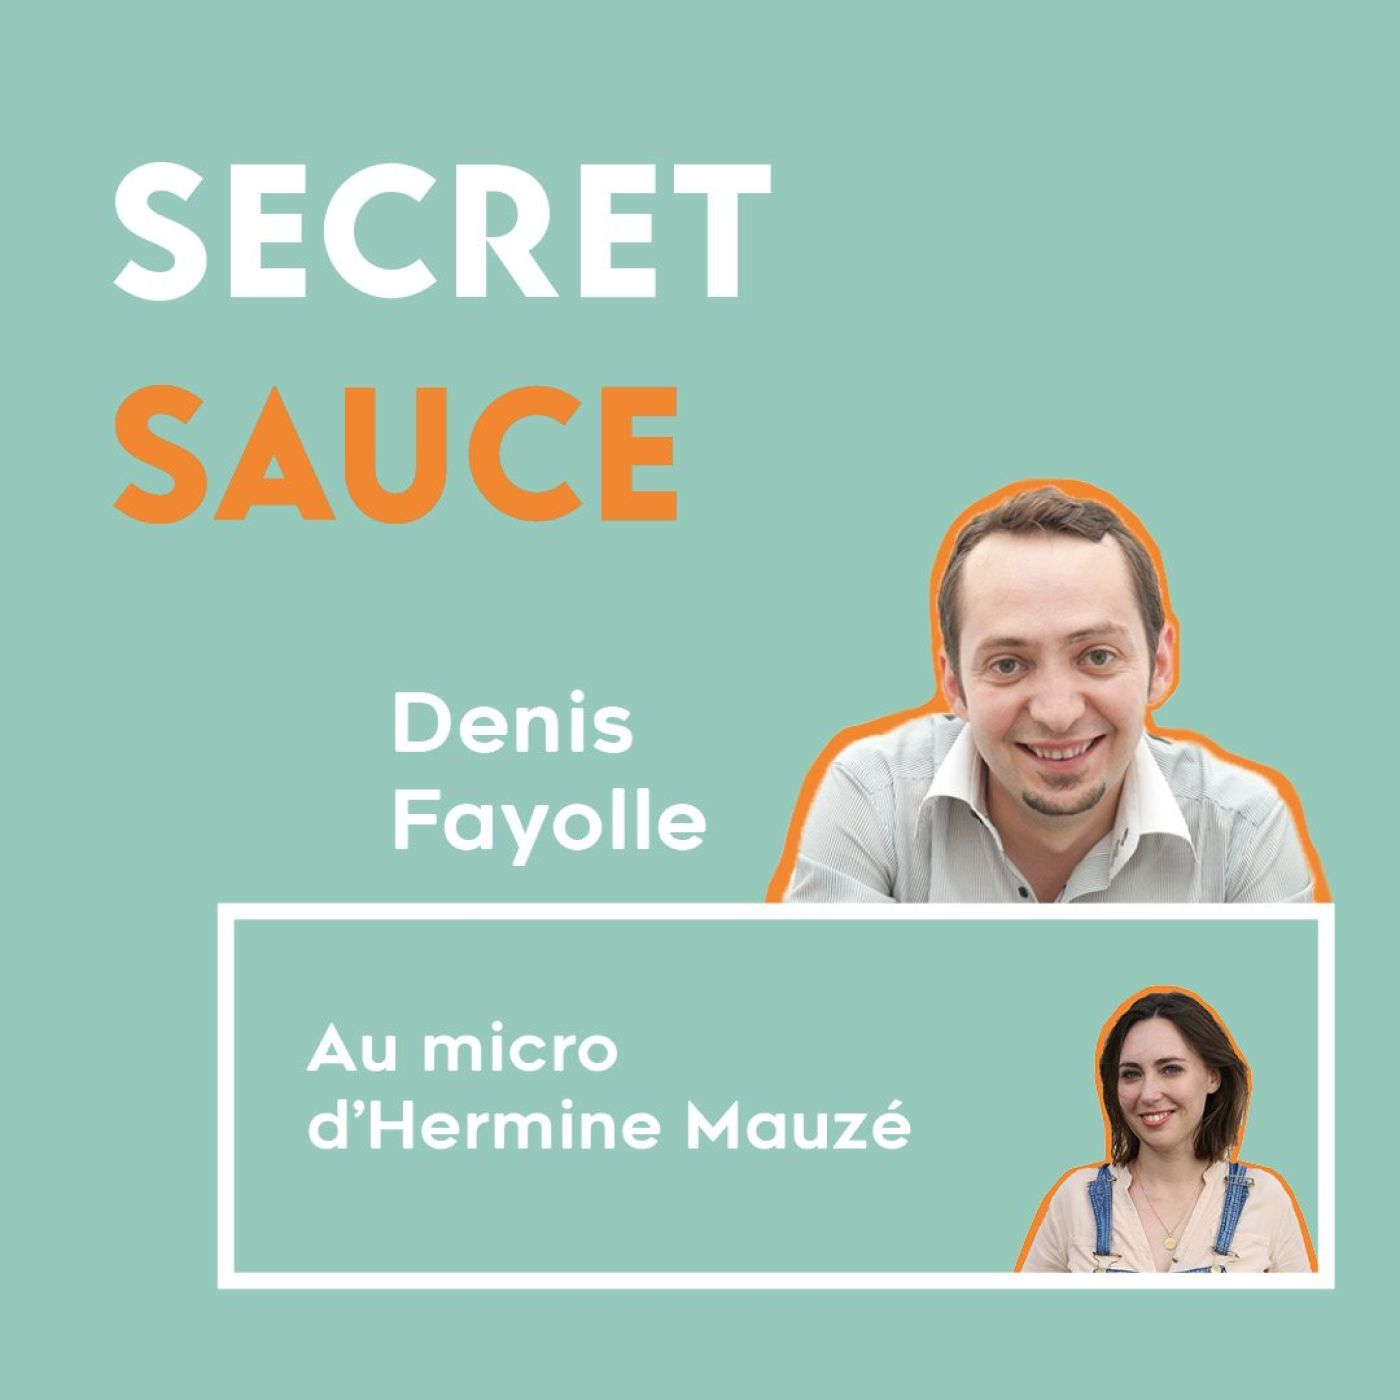 #2 Denis Fayolle, la tambouille interne du fondateur de La Fourchette